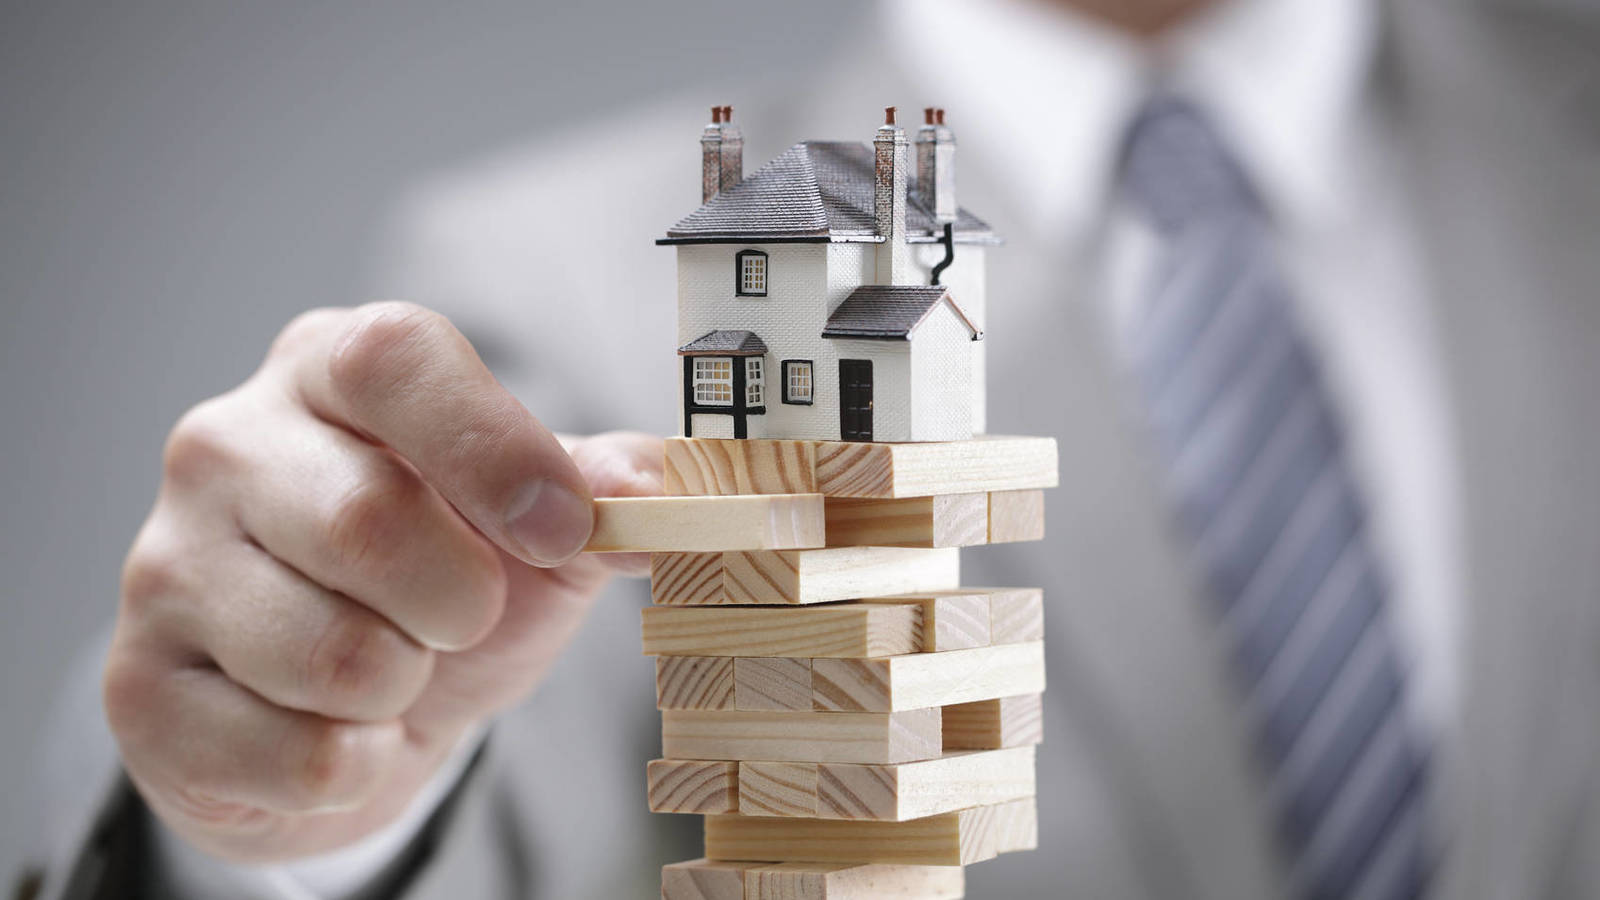 Vay thế chấp bất động sản - Những vấn đề cần lưu ý